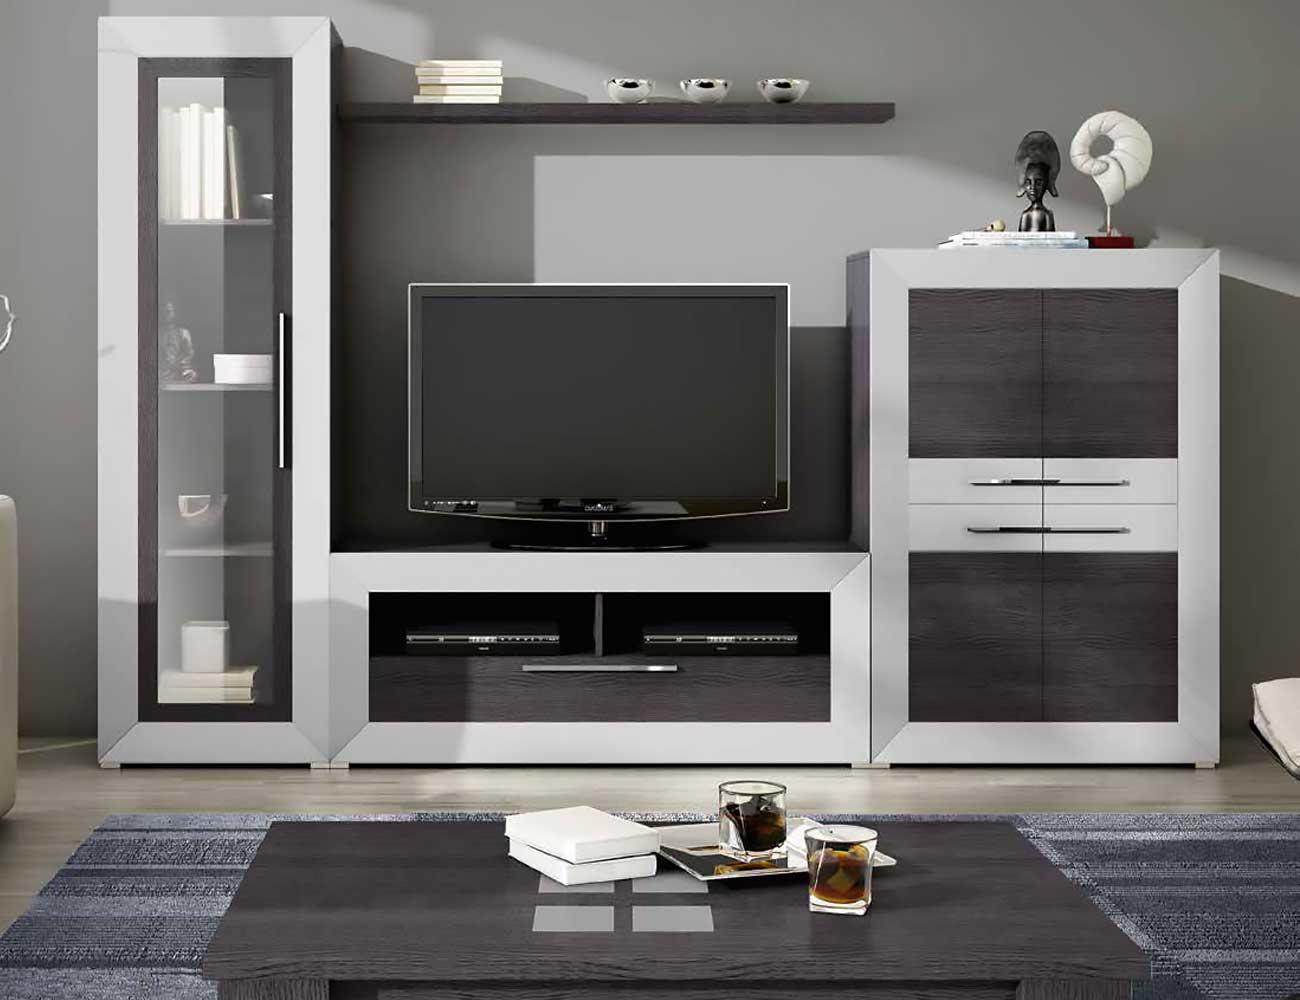 Mueble de sal n moderno en ceniza con plata 2434 for Mueble moderno salon